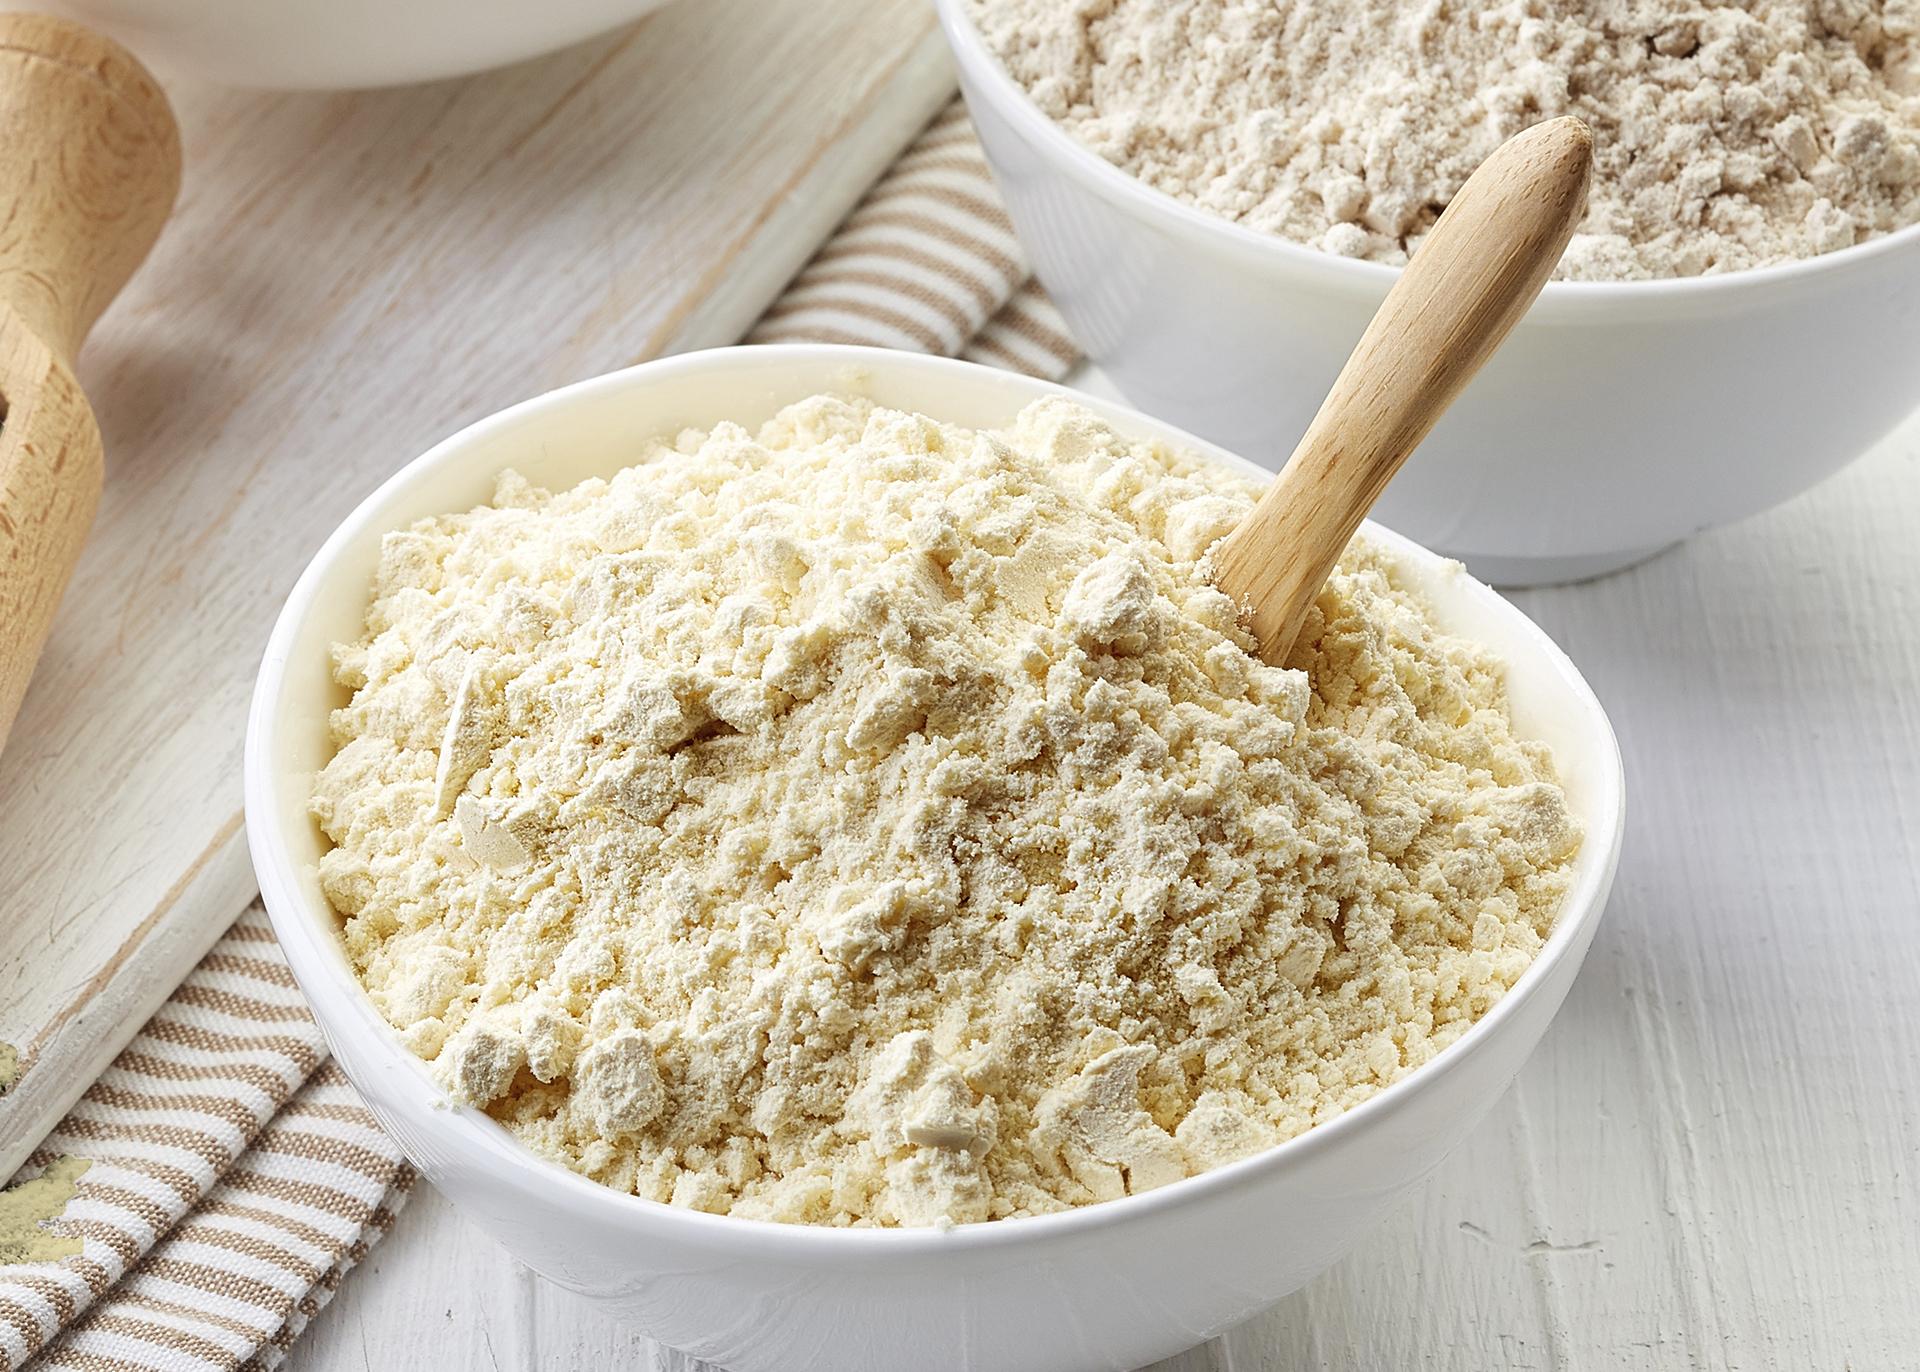 Sesame-Press-Cake_Sesame-Flour_Henry-Lamotte-Oils